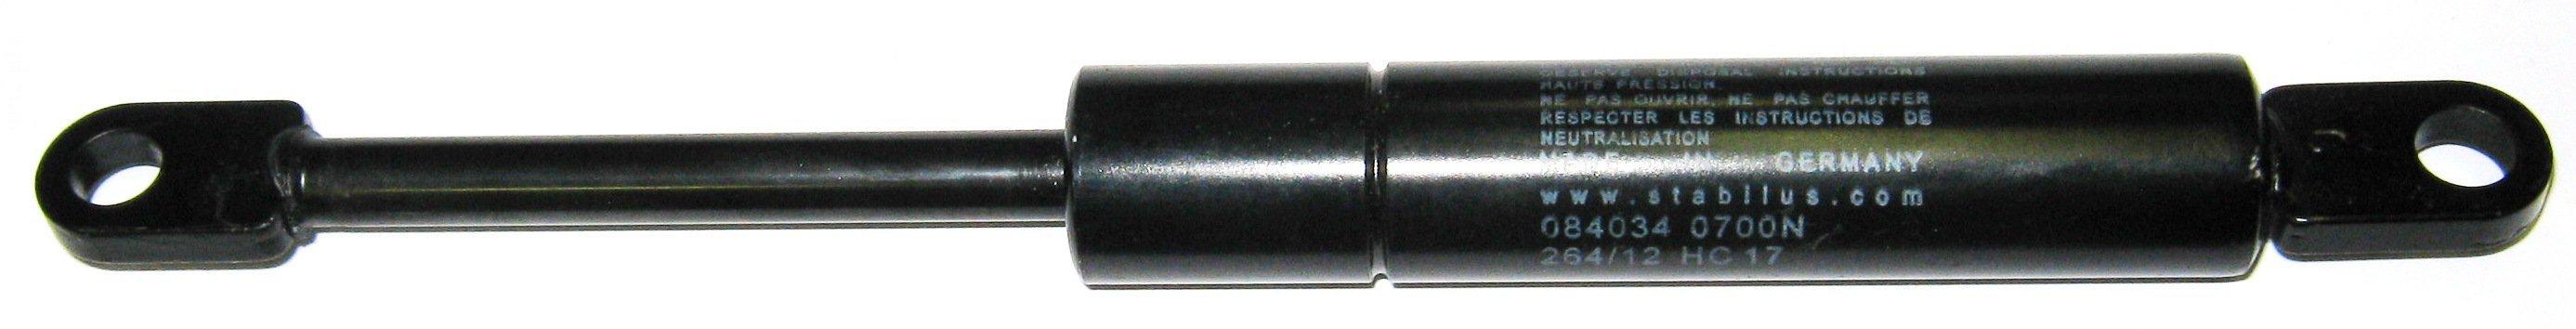 Амортизатор для каретки сдвижной крыши 700N (205мм) Edscha/Stabilus 75099/084034